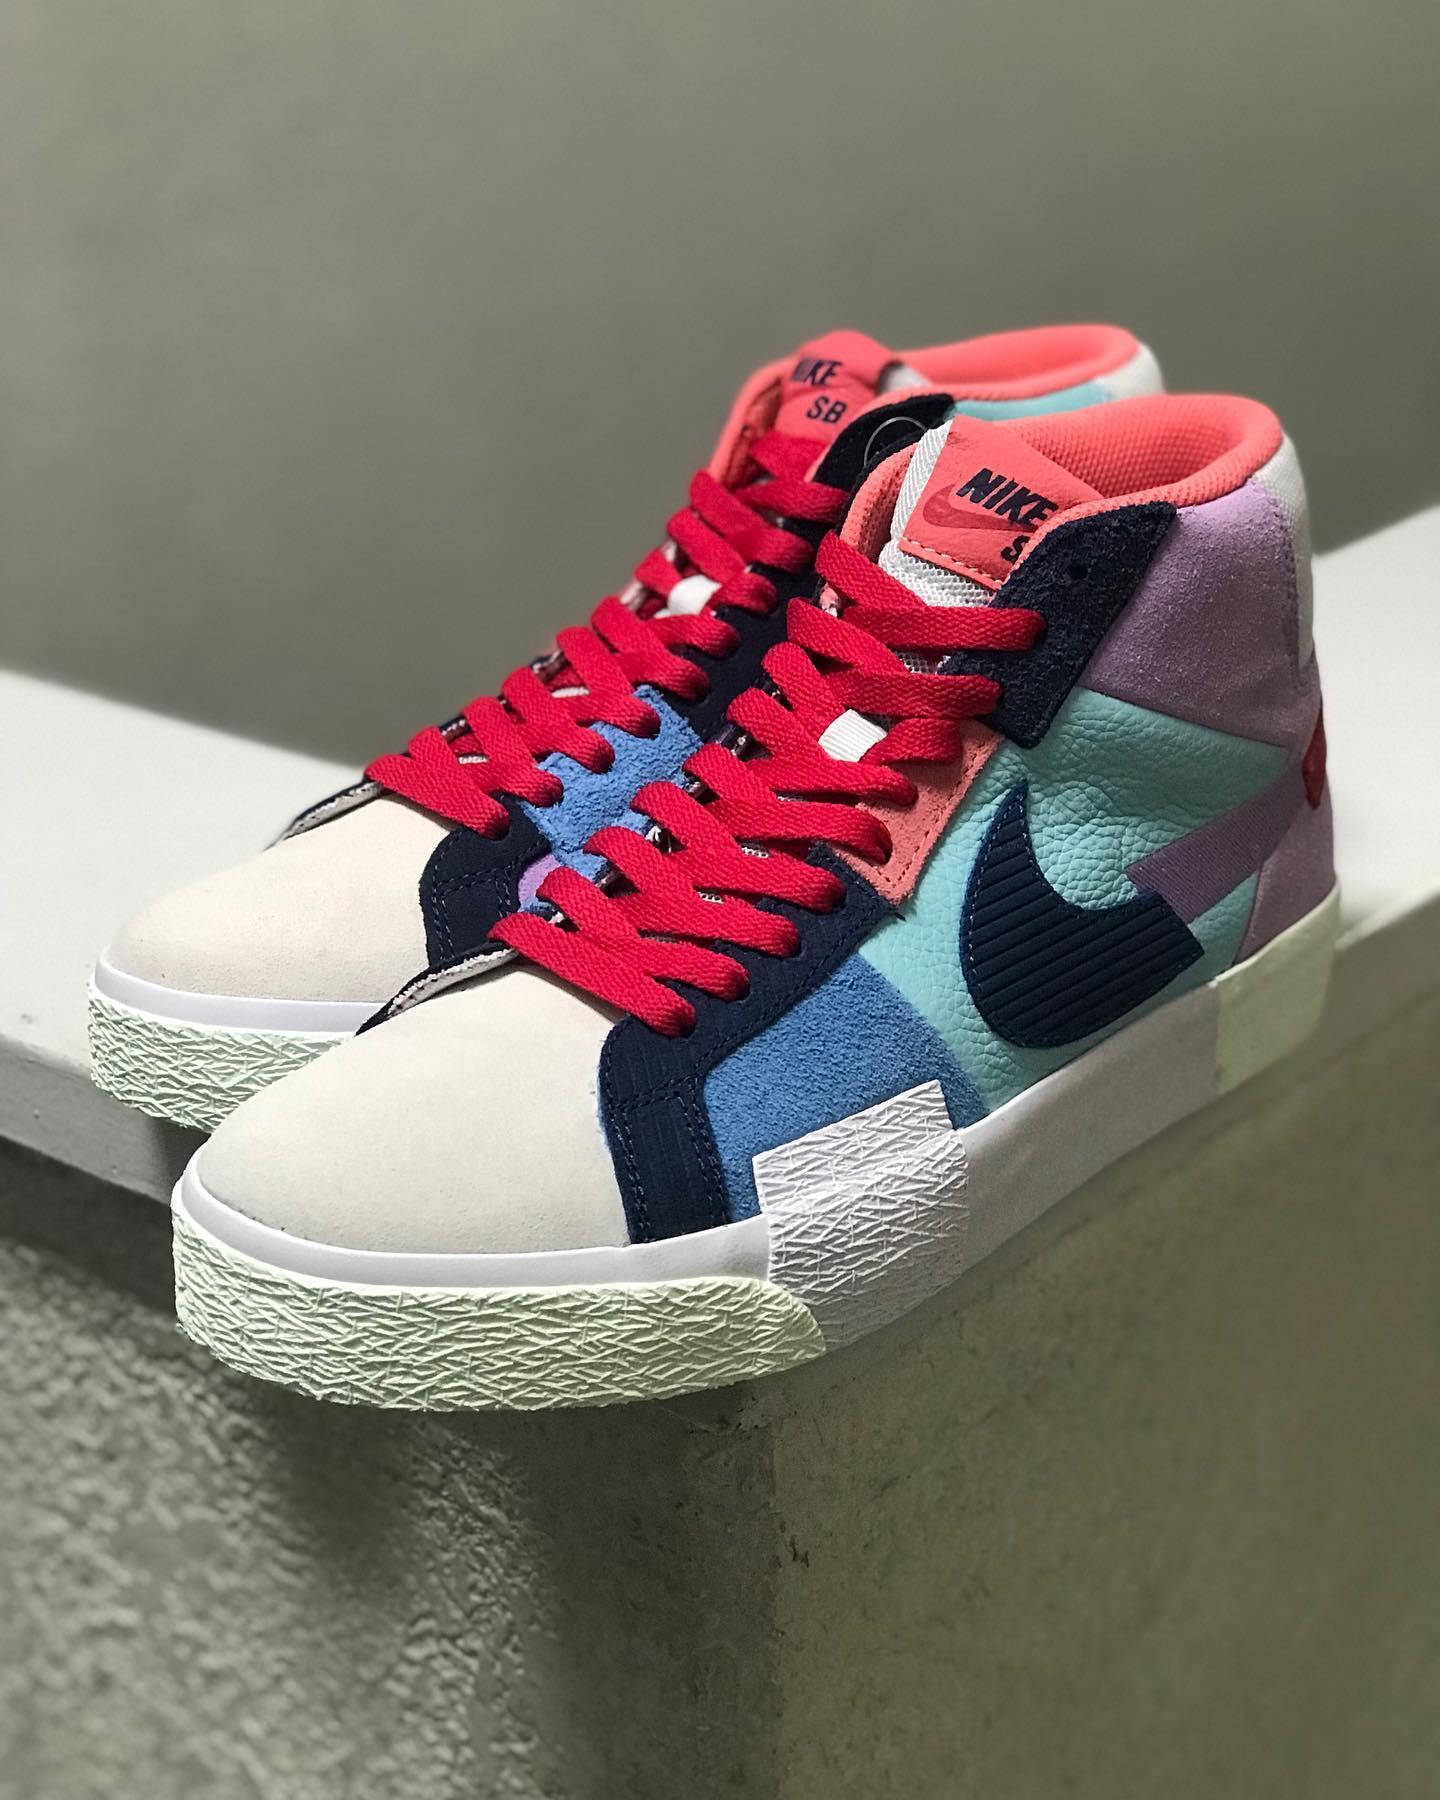 7月2日(金)発売 Mosic Pack / Nike SB Zoom Blazer Mid Premium※店頭・WEBストアにて発売いたします。※販売足数、入荷サイズ、発売前のご予約など販売に関する事前お問い合わせはご遠慮下さい。※no overseas shipment.